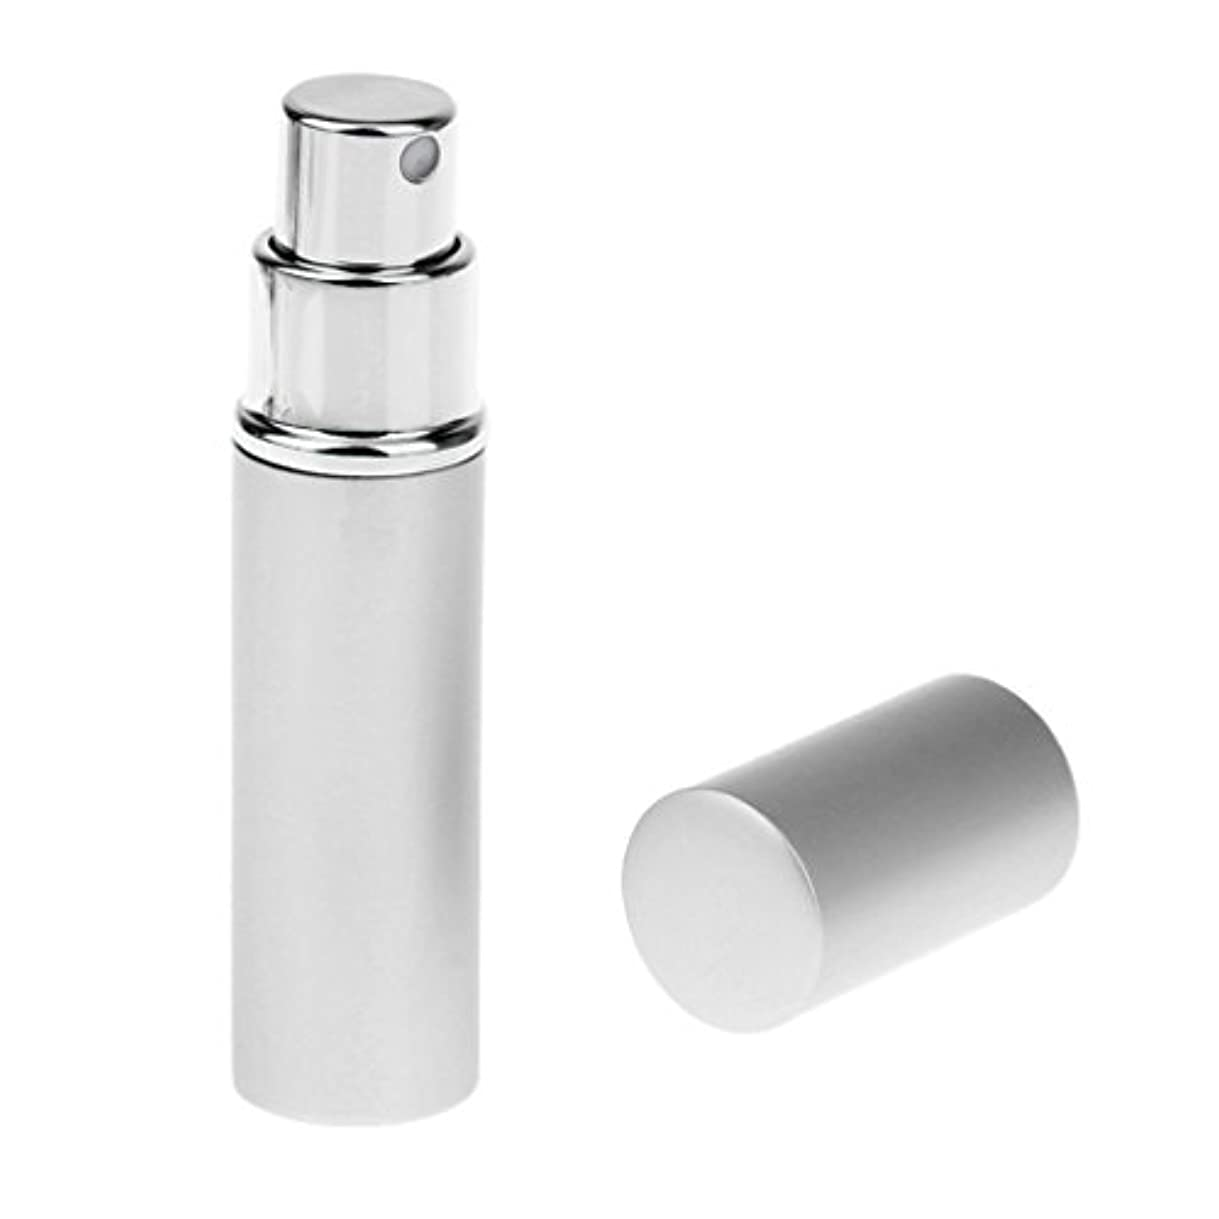 告白する期限切れアロング男女兼用 詰め替え可能 ポータブル アルミ ガラス製 香水アトマイザー 空ボトル ポンプ 銀色